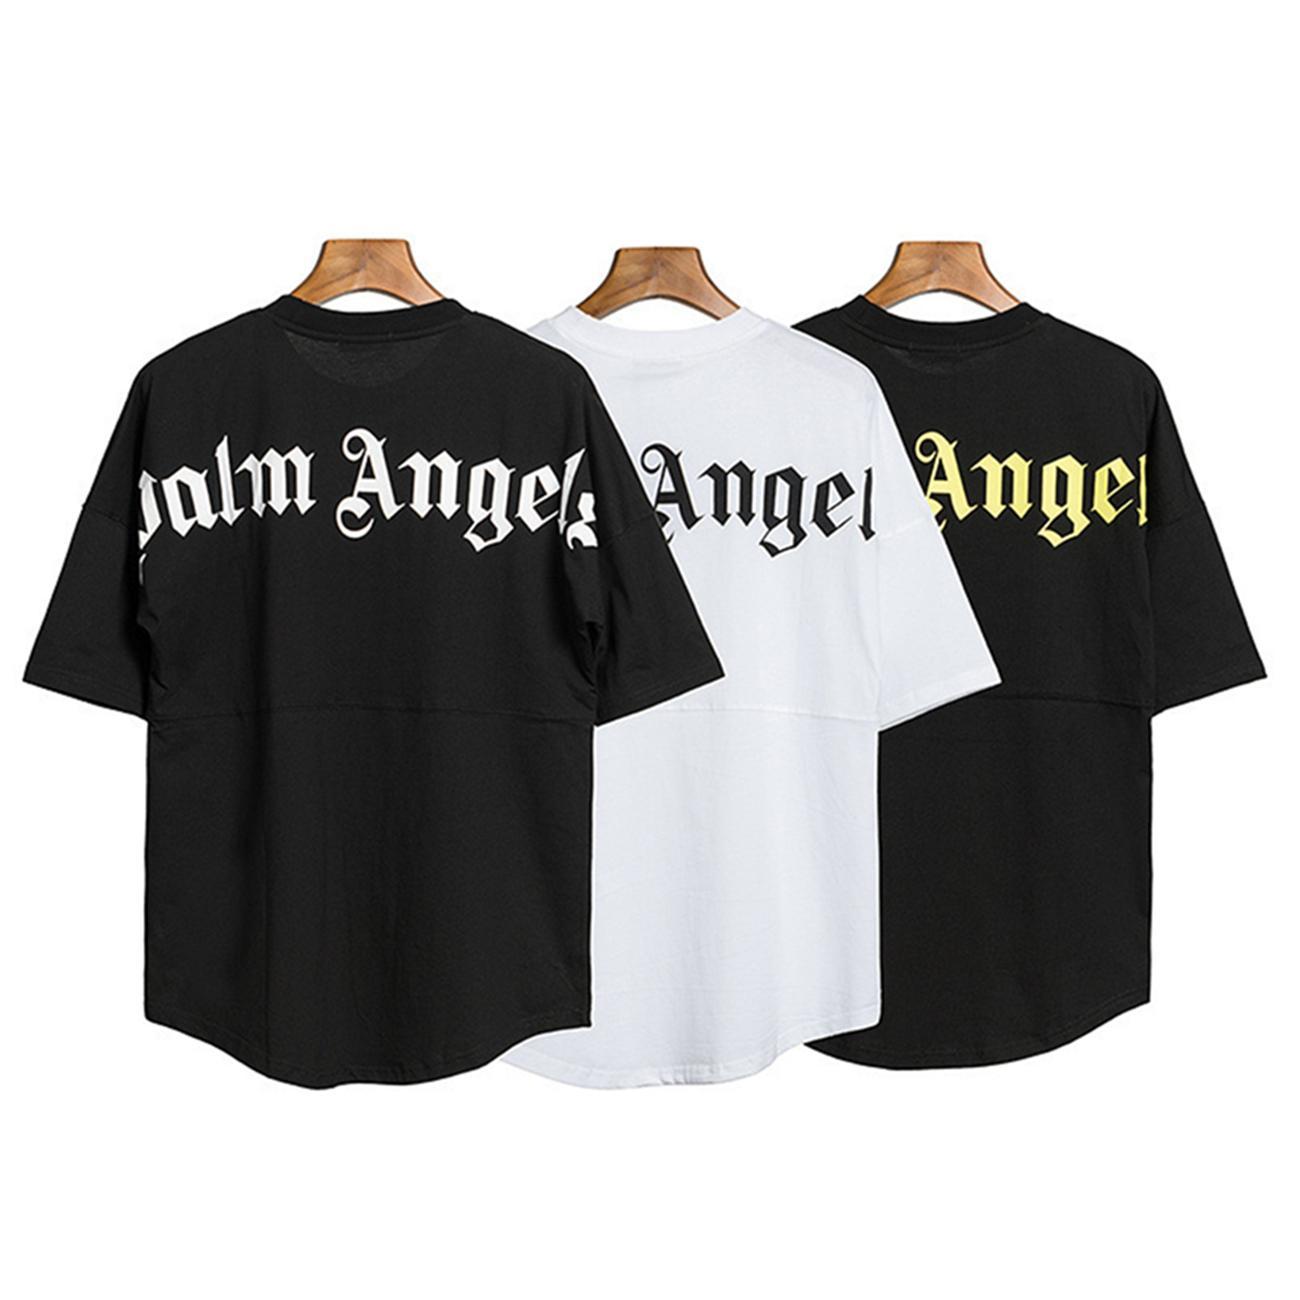 T-shirt Designer New Palm Homens Mulheres algodão de manga curta Verão Tops t shirt da forma Adesivo Laptop Camiseta 1 Opp saco